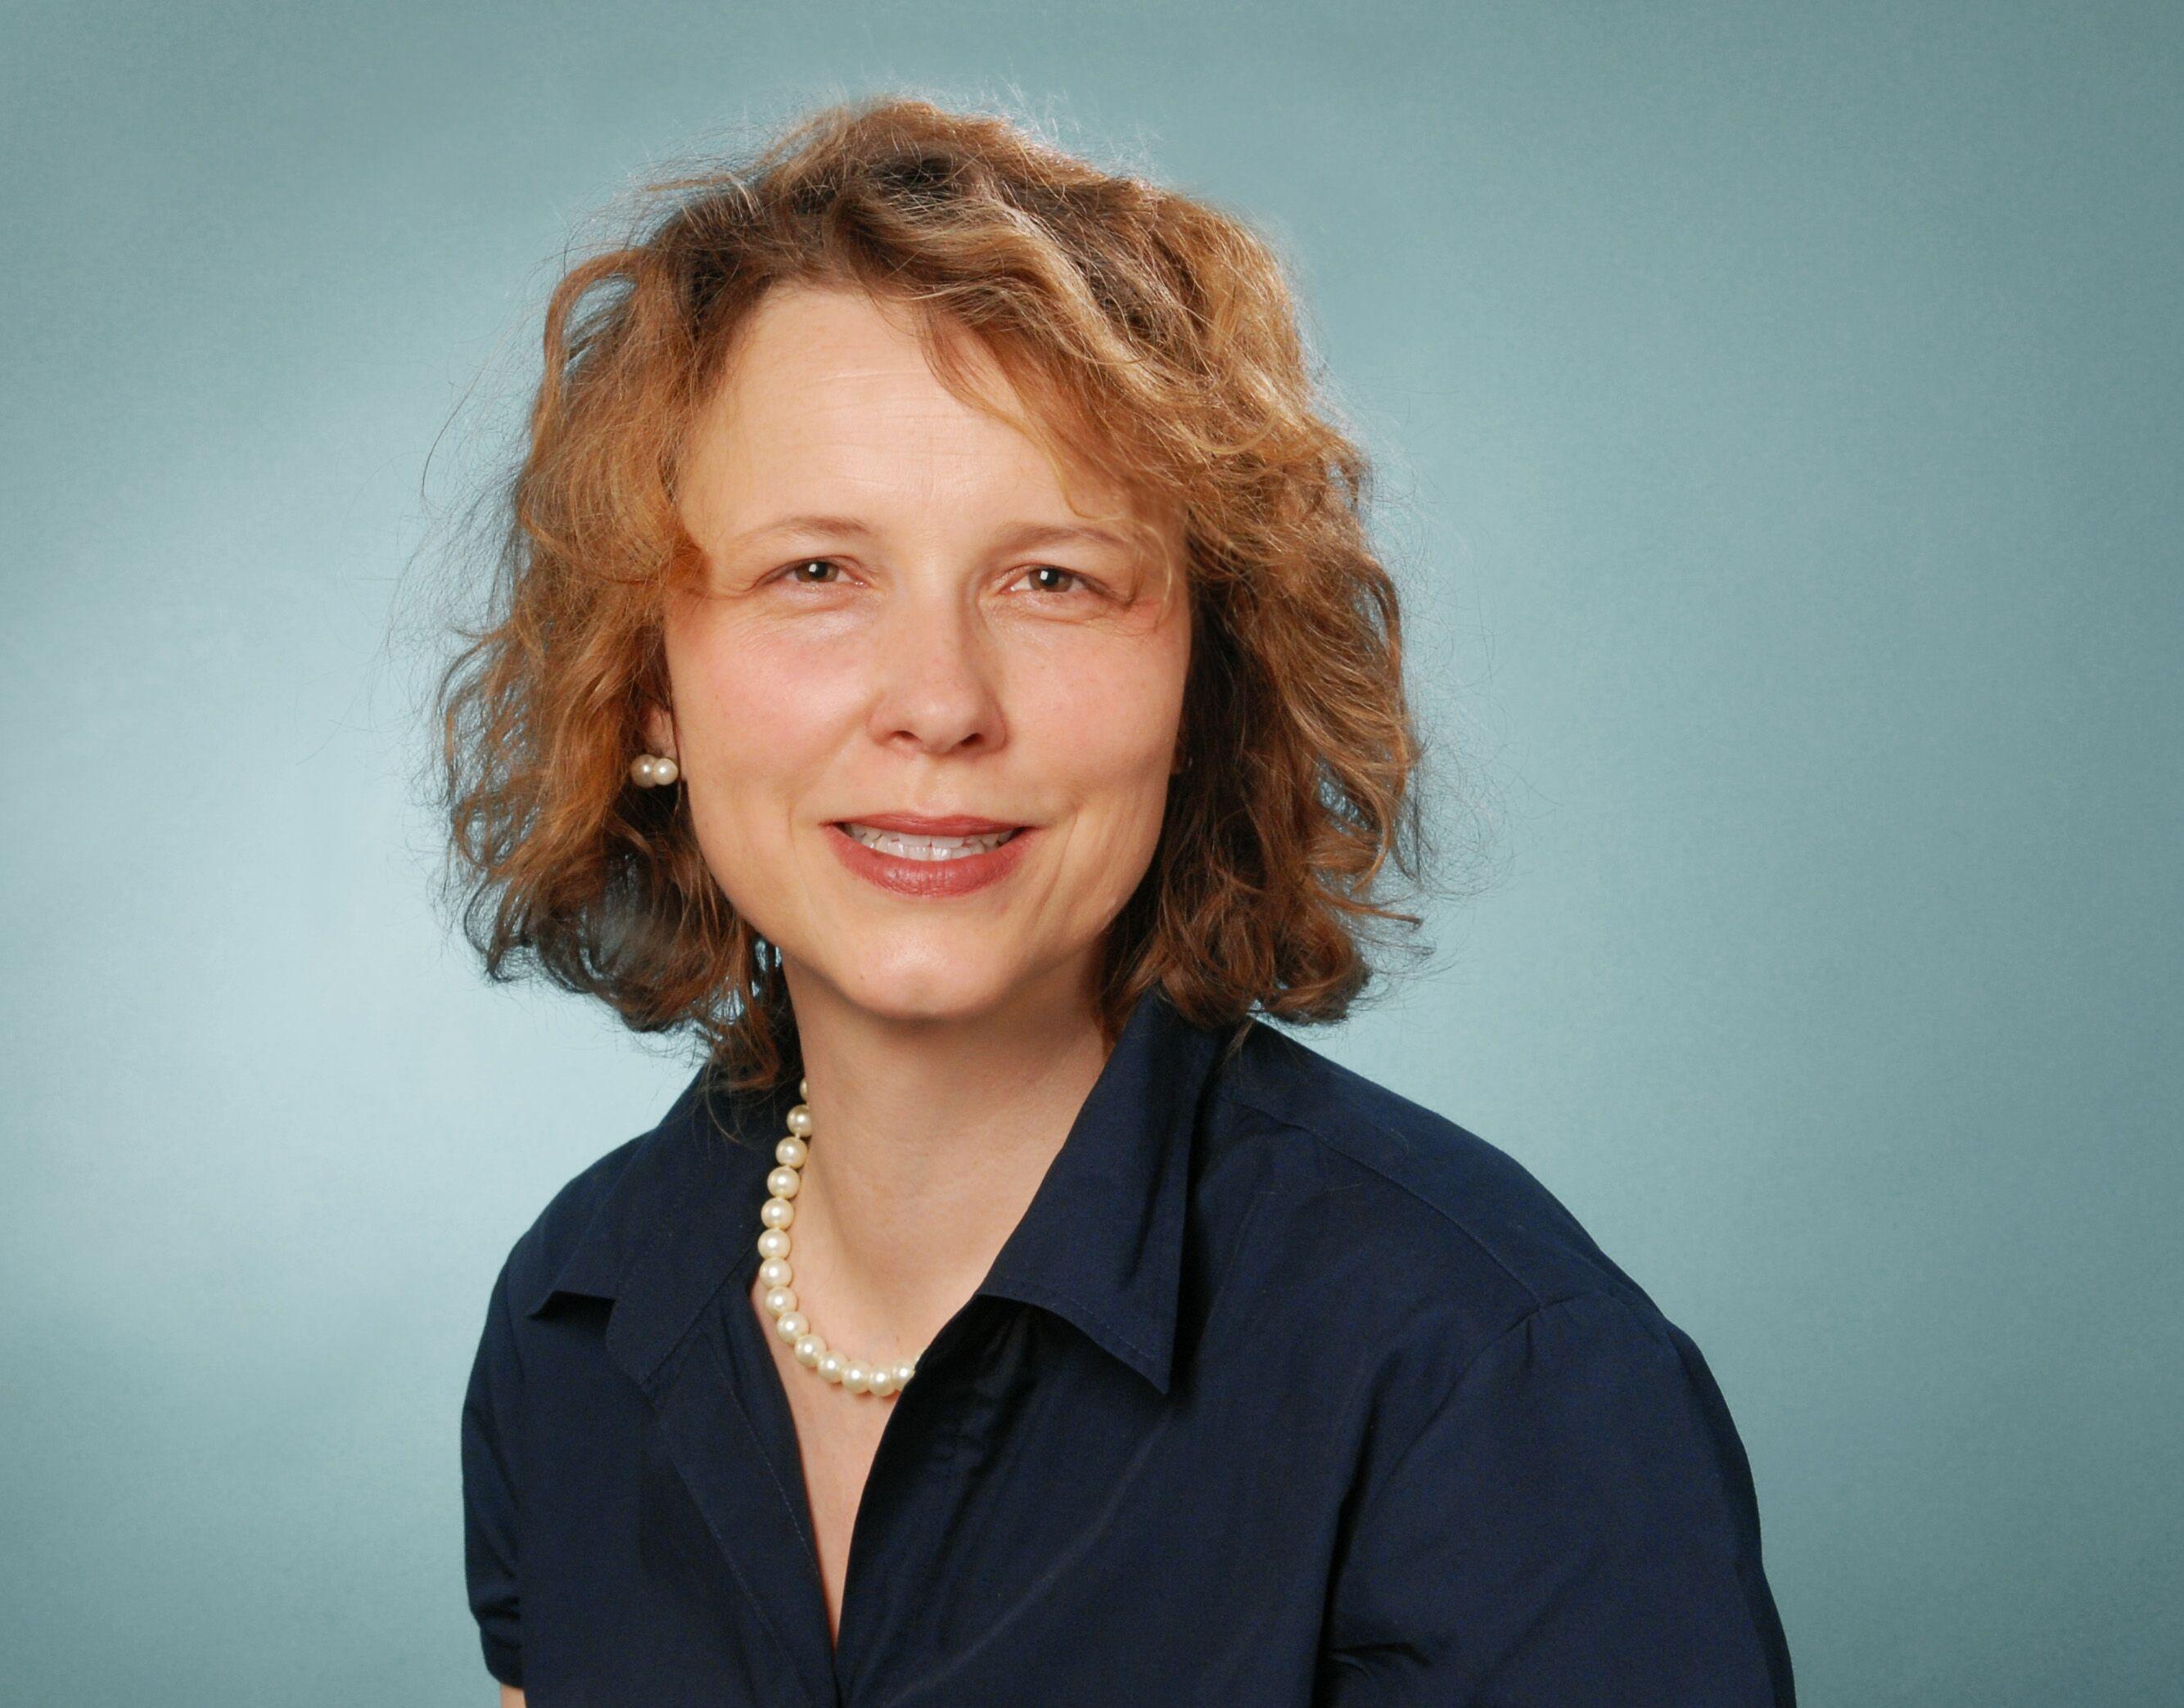 PD Dr. M. v. d. Hagen